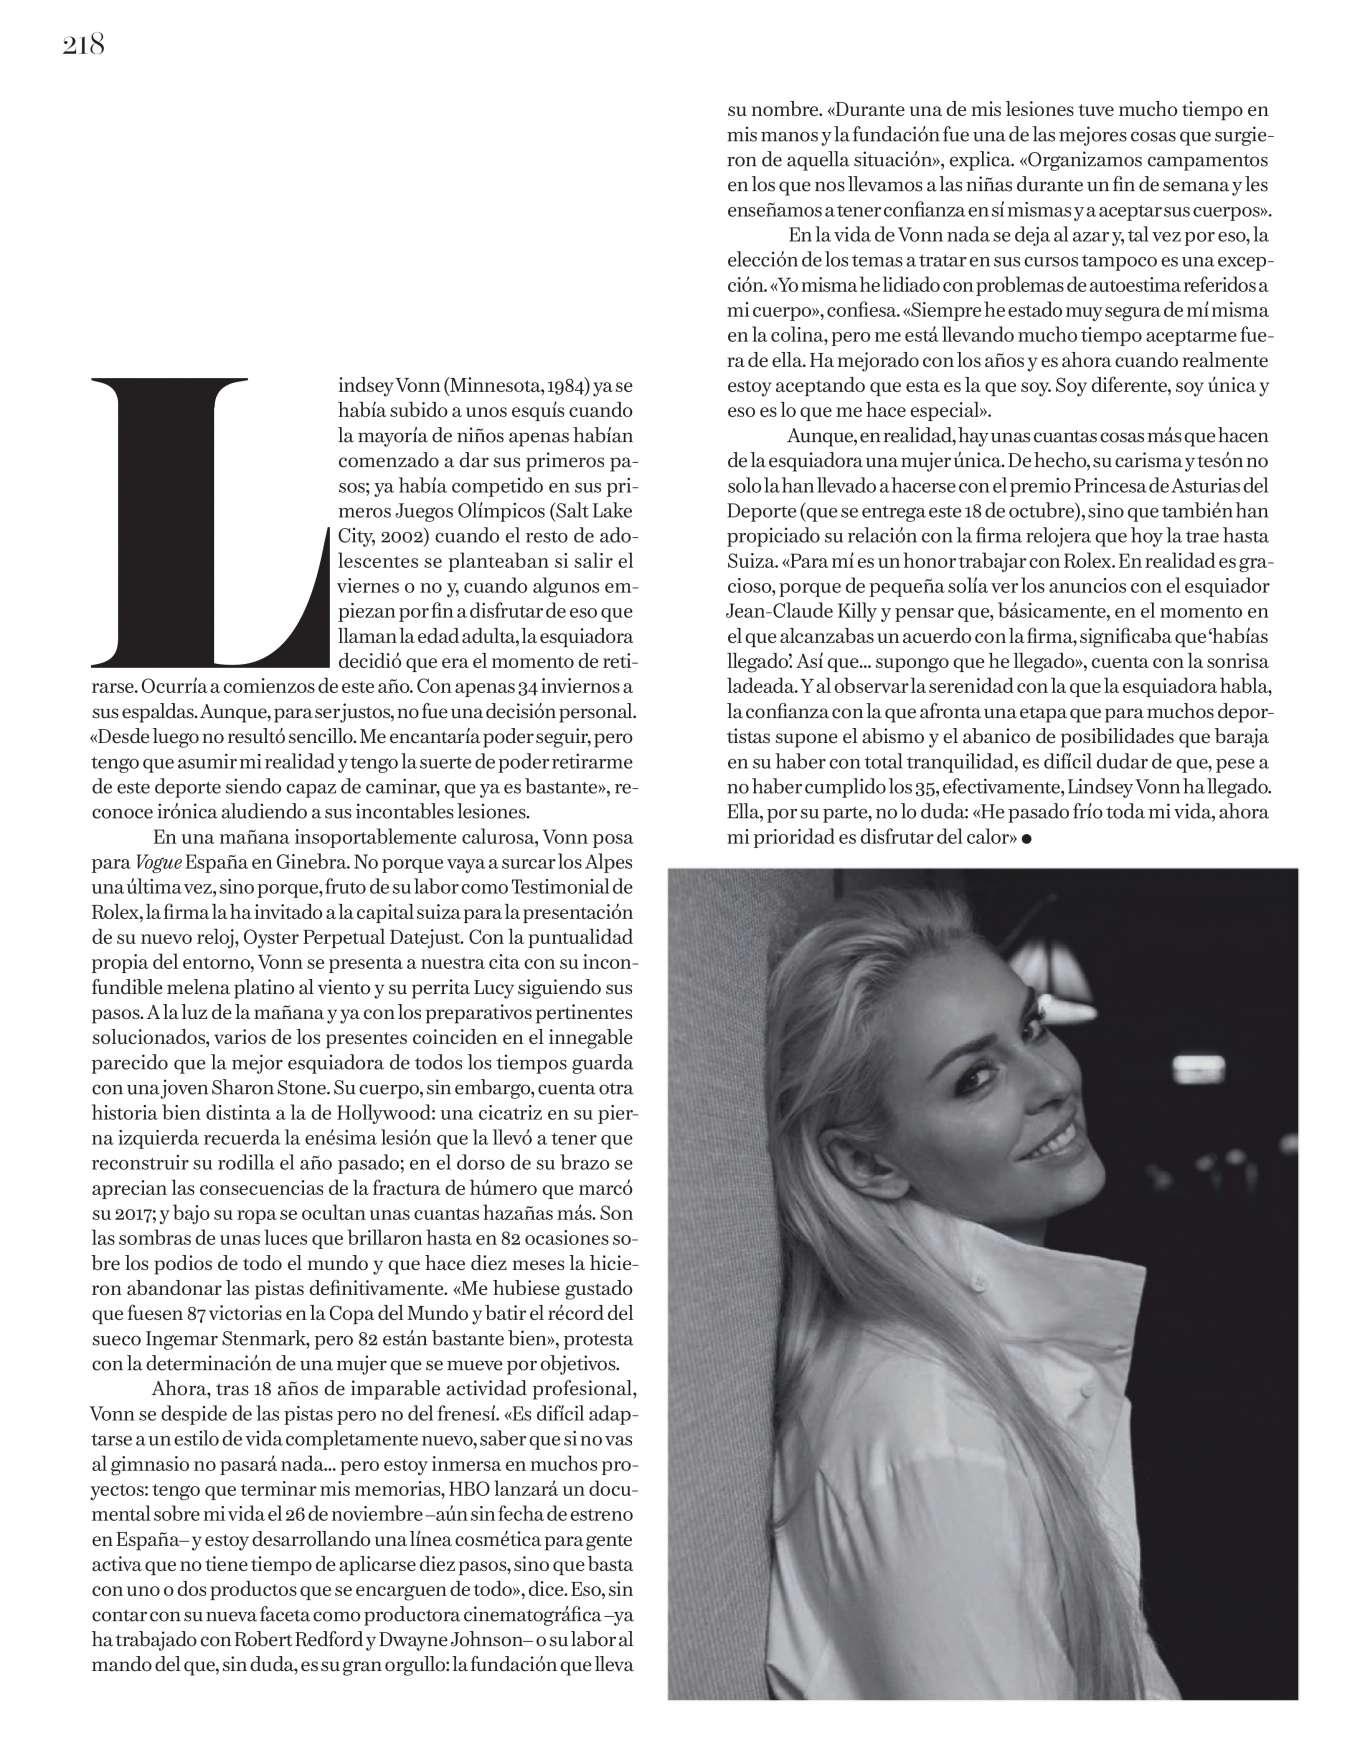 Lindsey Vonn 2019 : Lindsey Vonn – Vogue Espana 2019-02